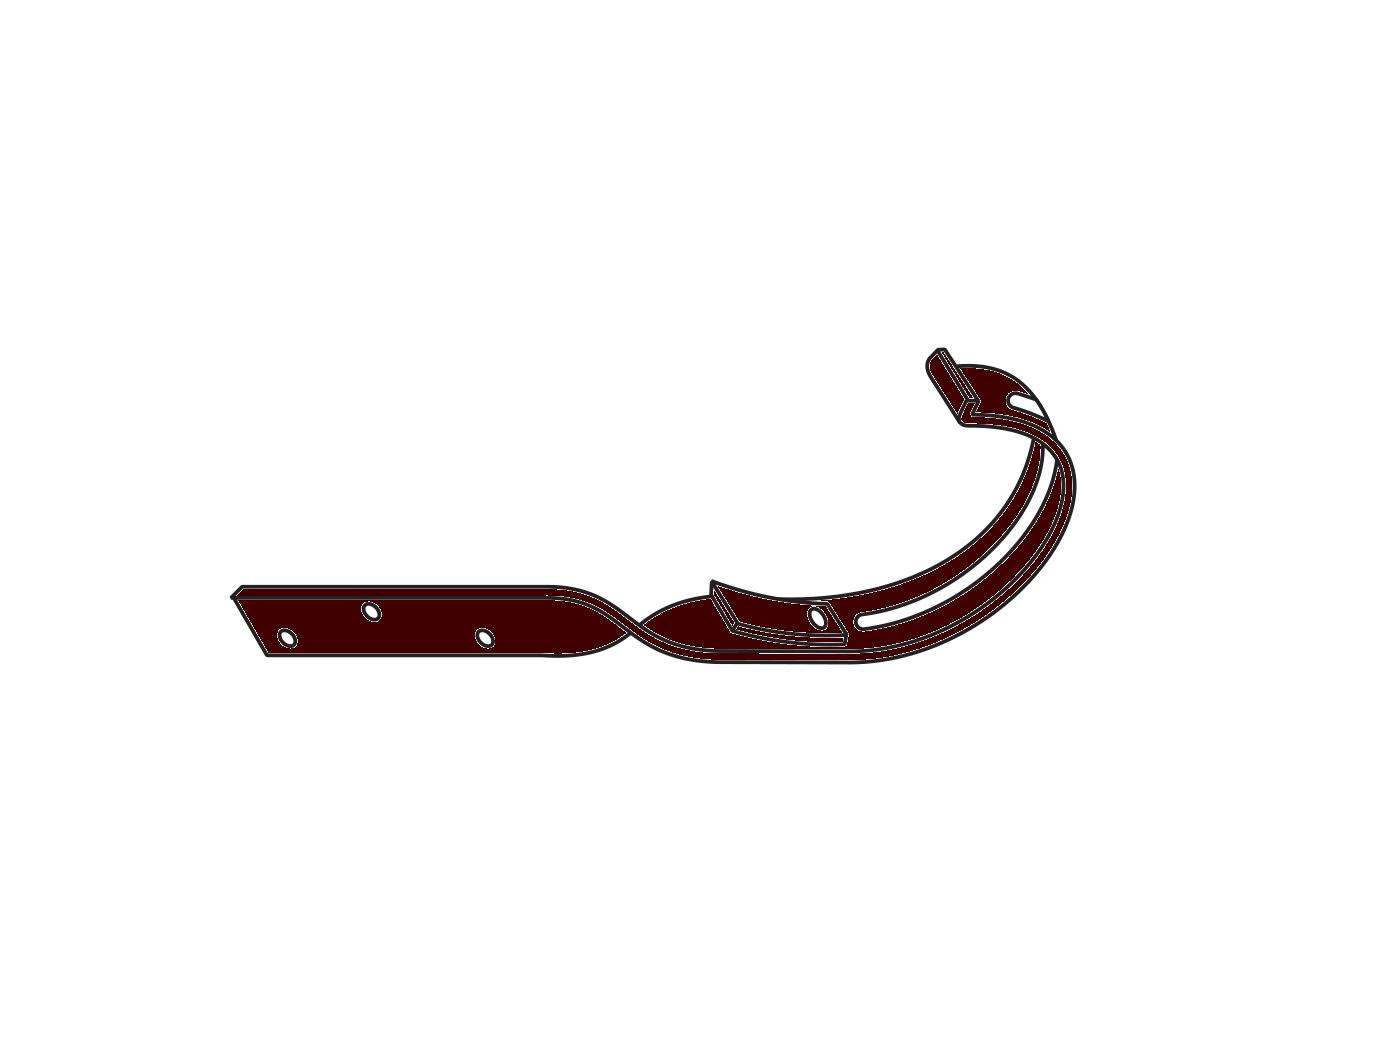 kovový hák překroucený RG 100 půlkulatý hnědá barva